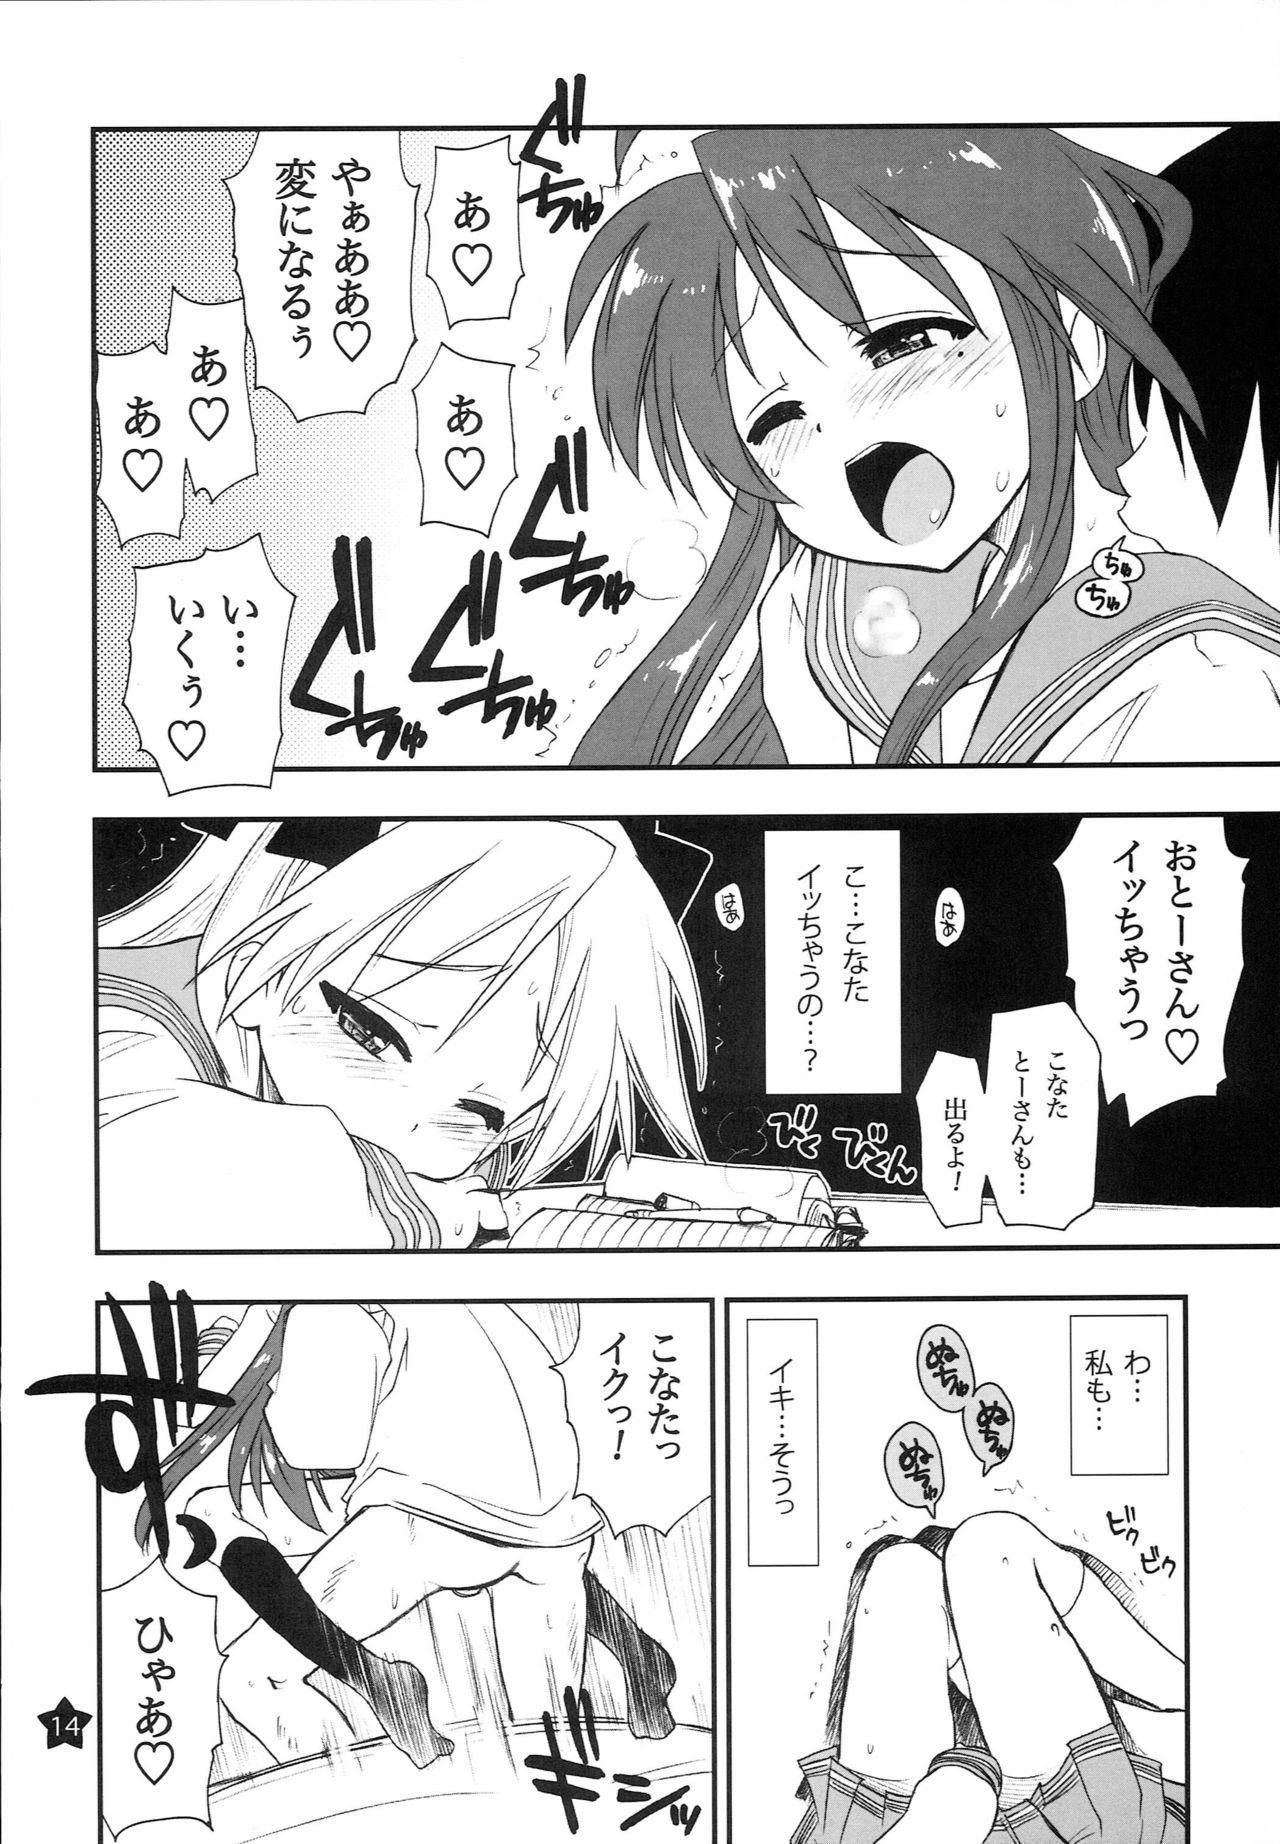 [Girigiri Nijiiro (Kamino Ryu-ya)] Ohirune Shitetara Kona-chan to Onee-chan ga Kona-chan no Oji-san ni... (Lucky Star) [2009-06-09] 12